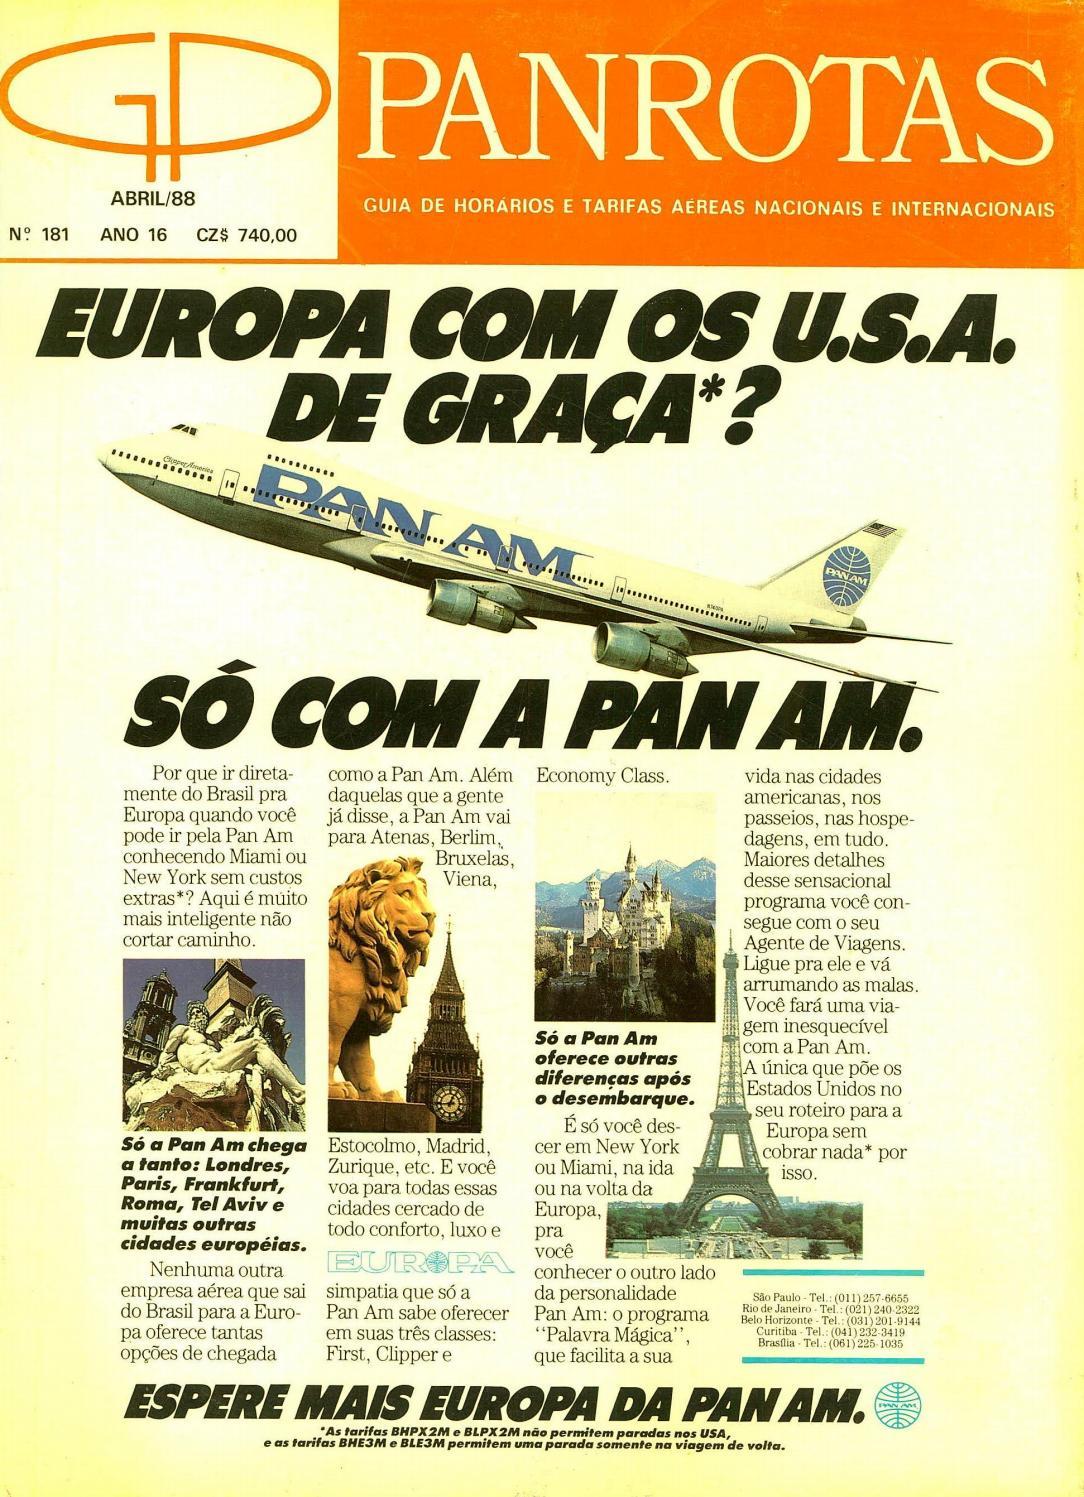 36875b52588 Guia PANROTAS - Edição 181 - Abril 1988 by PANROTAS Editora - issuu